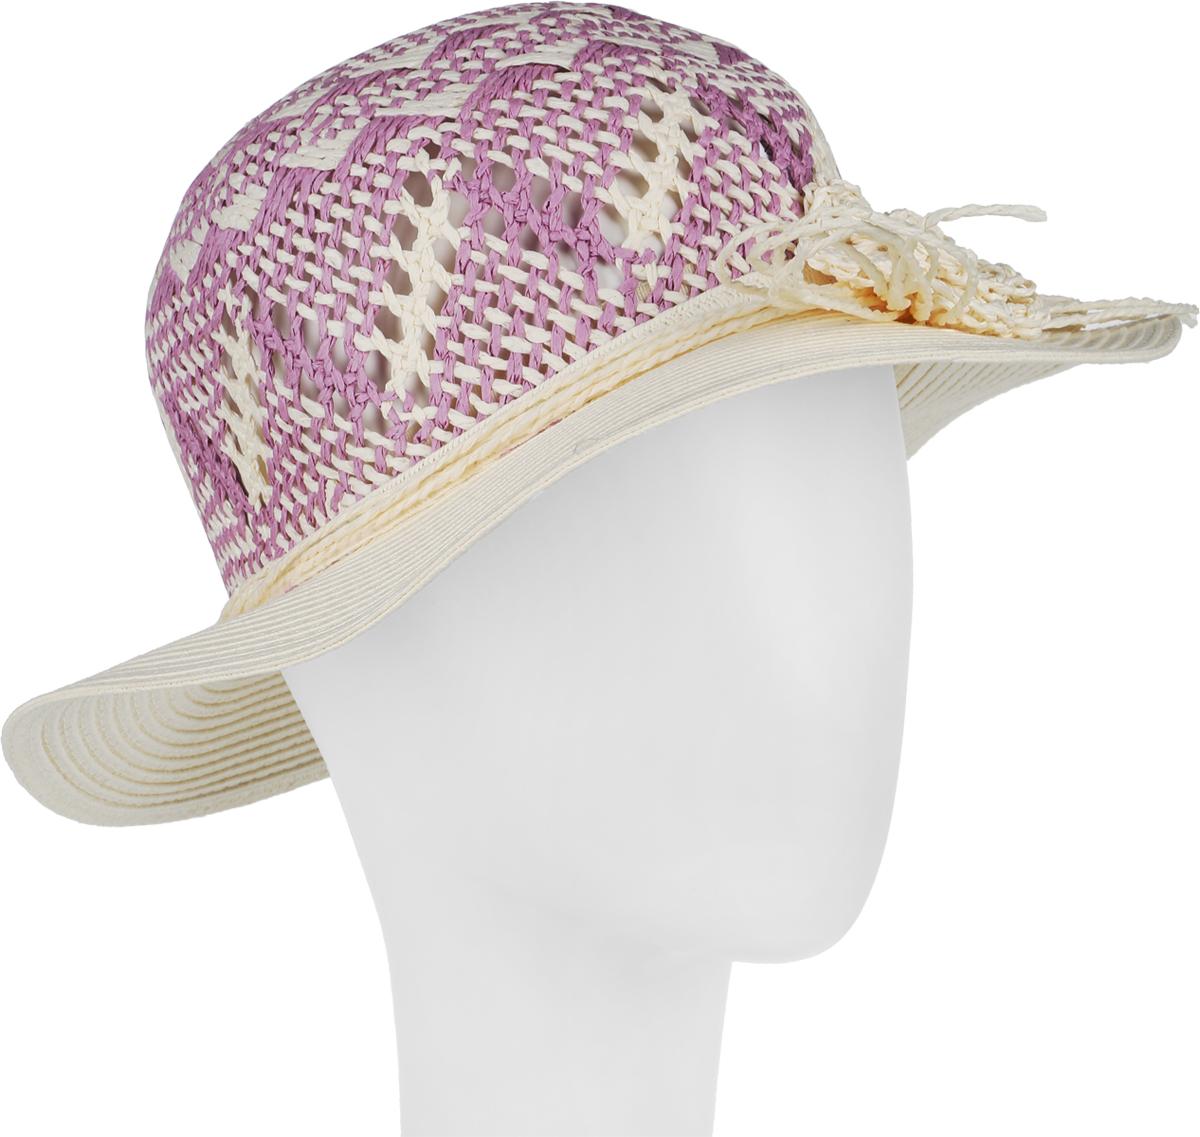 Шляпа женская R.Mountain Clara, цвет: светло-бежевый, сиреневый. 77-098-73. Размер S (55)77-098-73Летняя женская шляпа R.Mountain Clara станет незаменимым аксессуаром для пляжа и отдыха на природе. Такая шляпка не только защитит вас от солнца, но и станет стильным дополнением вашего образа.Шляпа оформлена небольшим металлическим логотипом фирмы и небольшим декоративным цветком. Плетение шляпы обеспечивает необходимую вентиляцию и комфорт даже в самый знойный день. Шляпа легко восстанавливает свою форму после сжатия.Эта элегантная легкая шляпка подчеркнет вашу неповторимость и дополнит ваш повседневный образ.